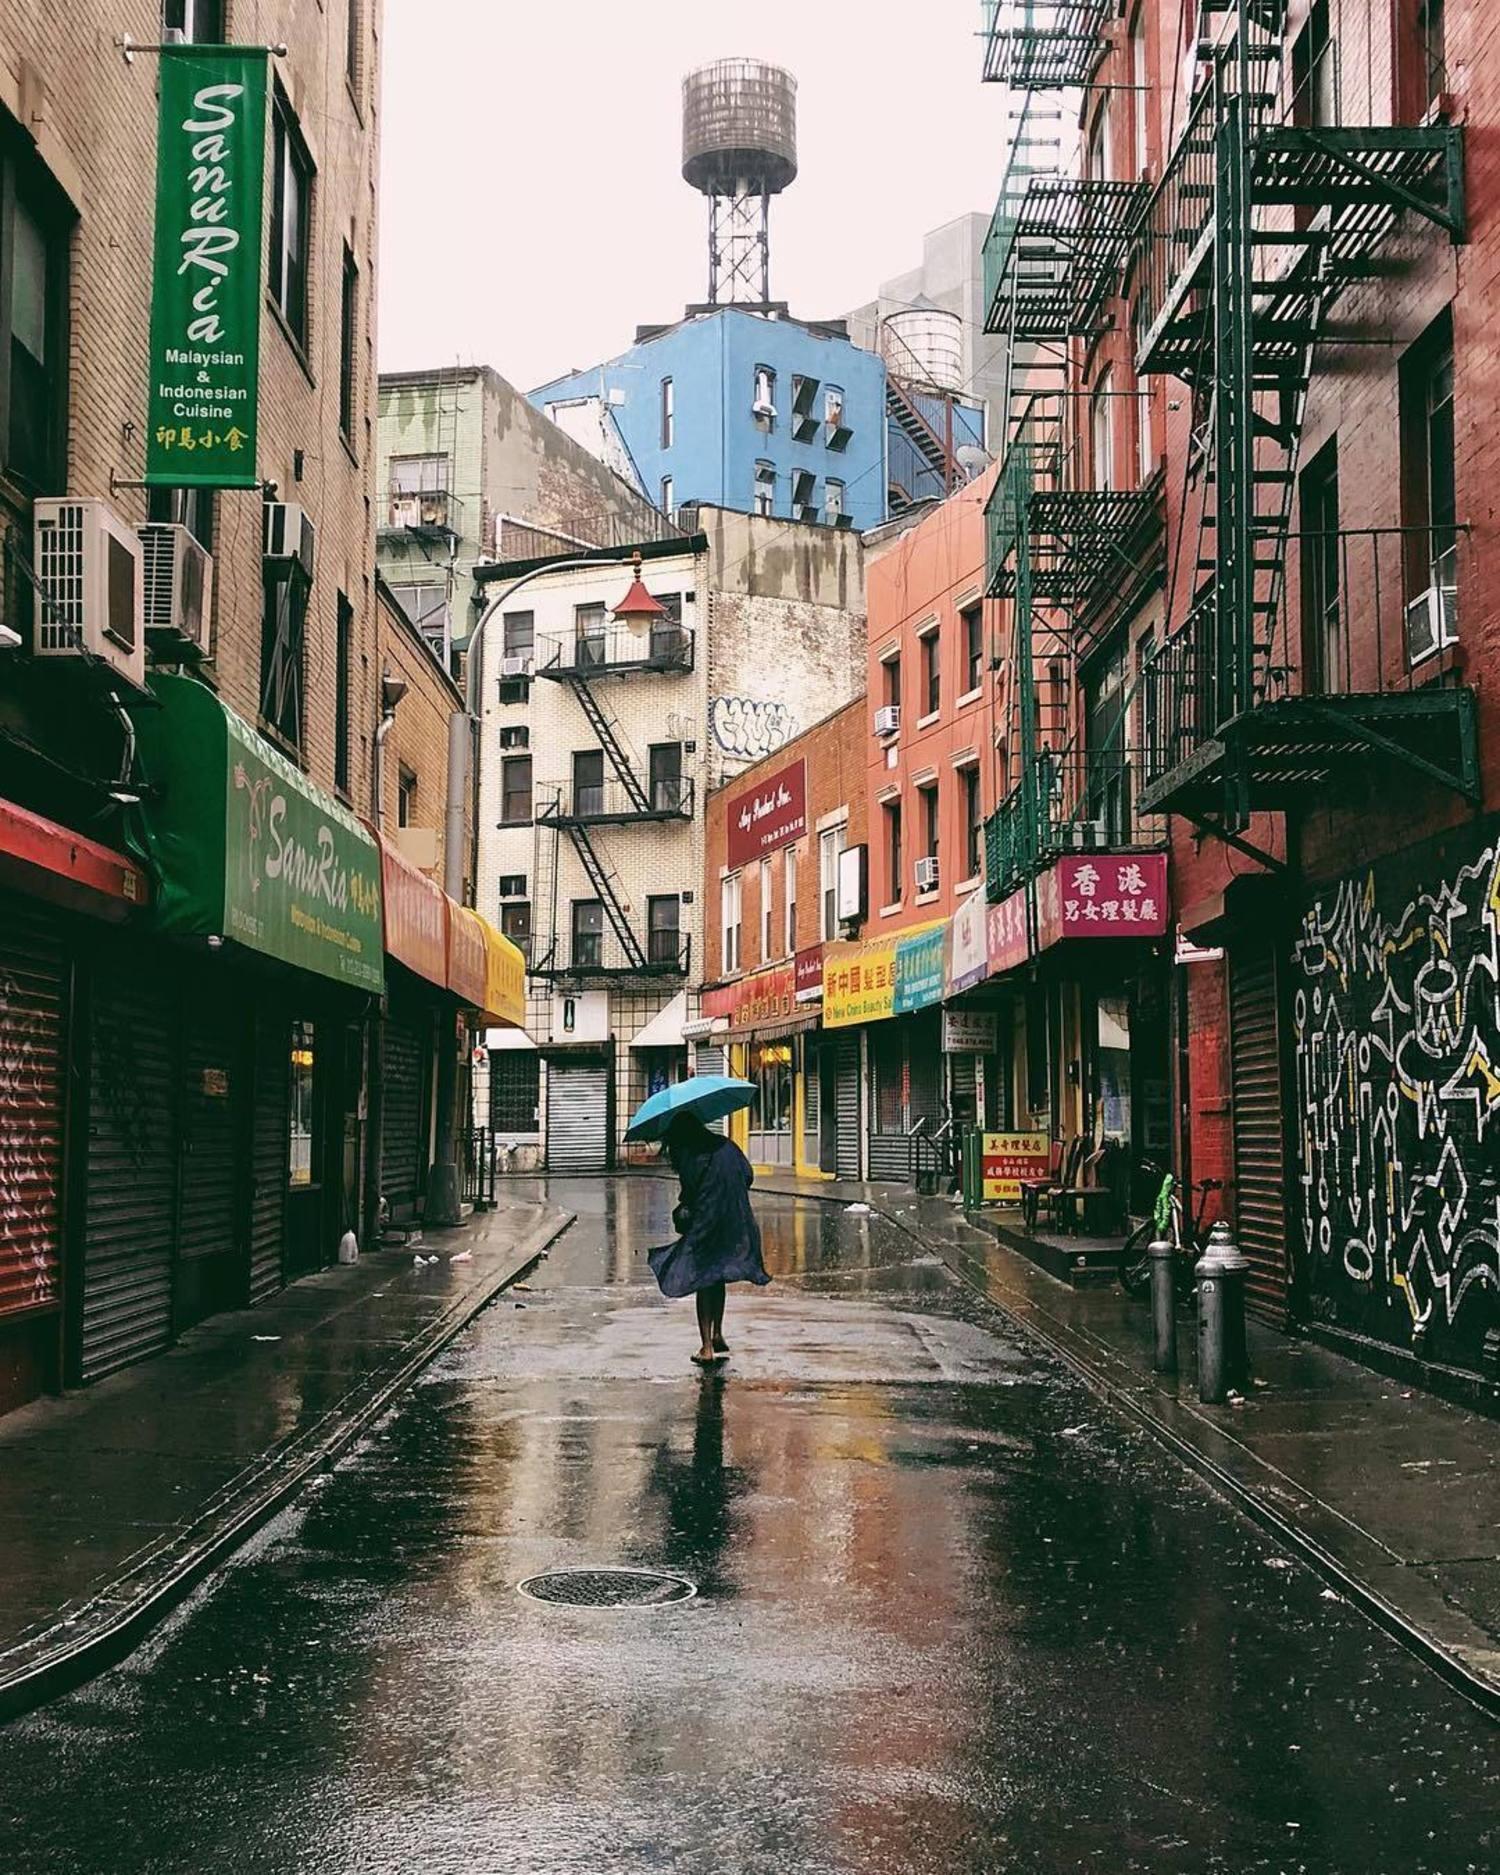 Doyers Street, Chinatown, Manhattan. Photo via @iwyndt #viewingnyc #newyorkcity #newyork #nyc #rain